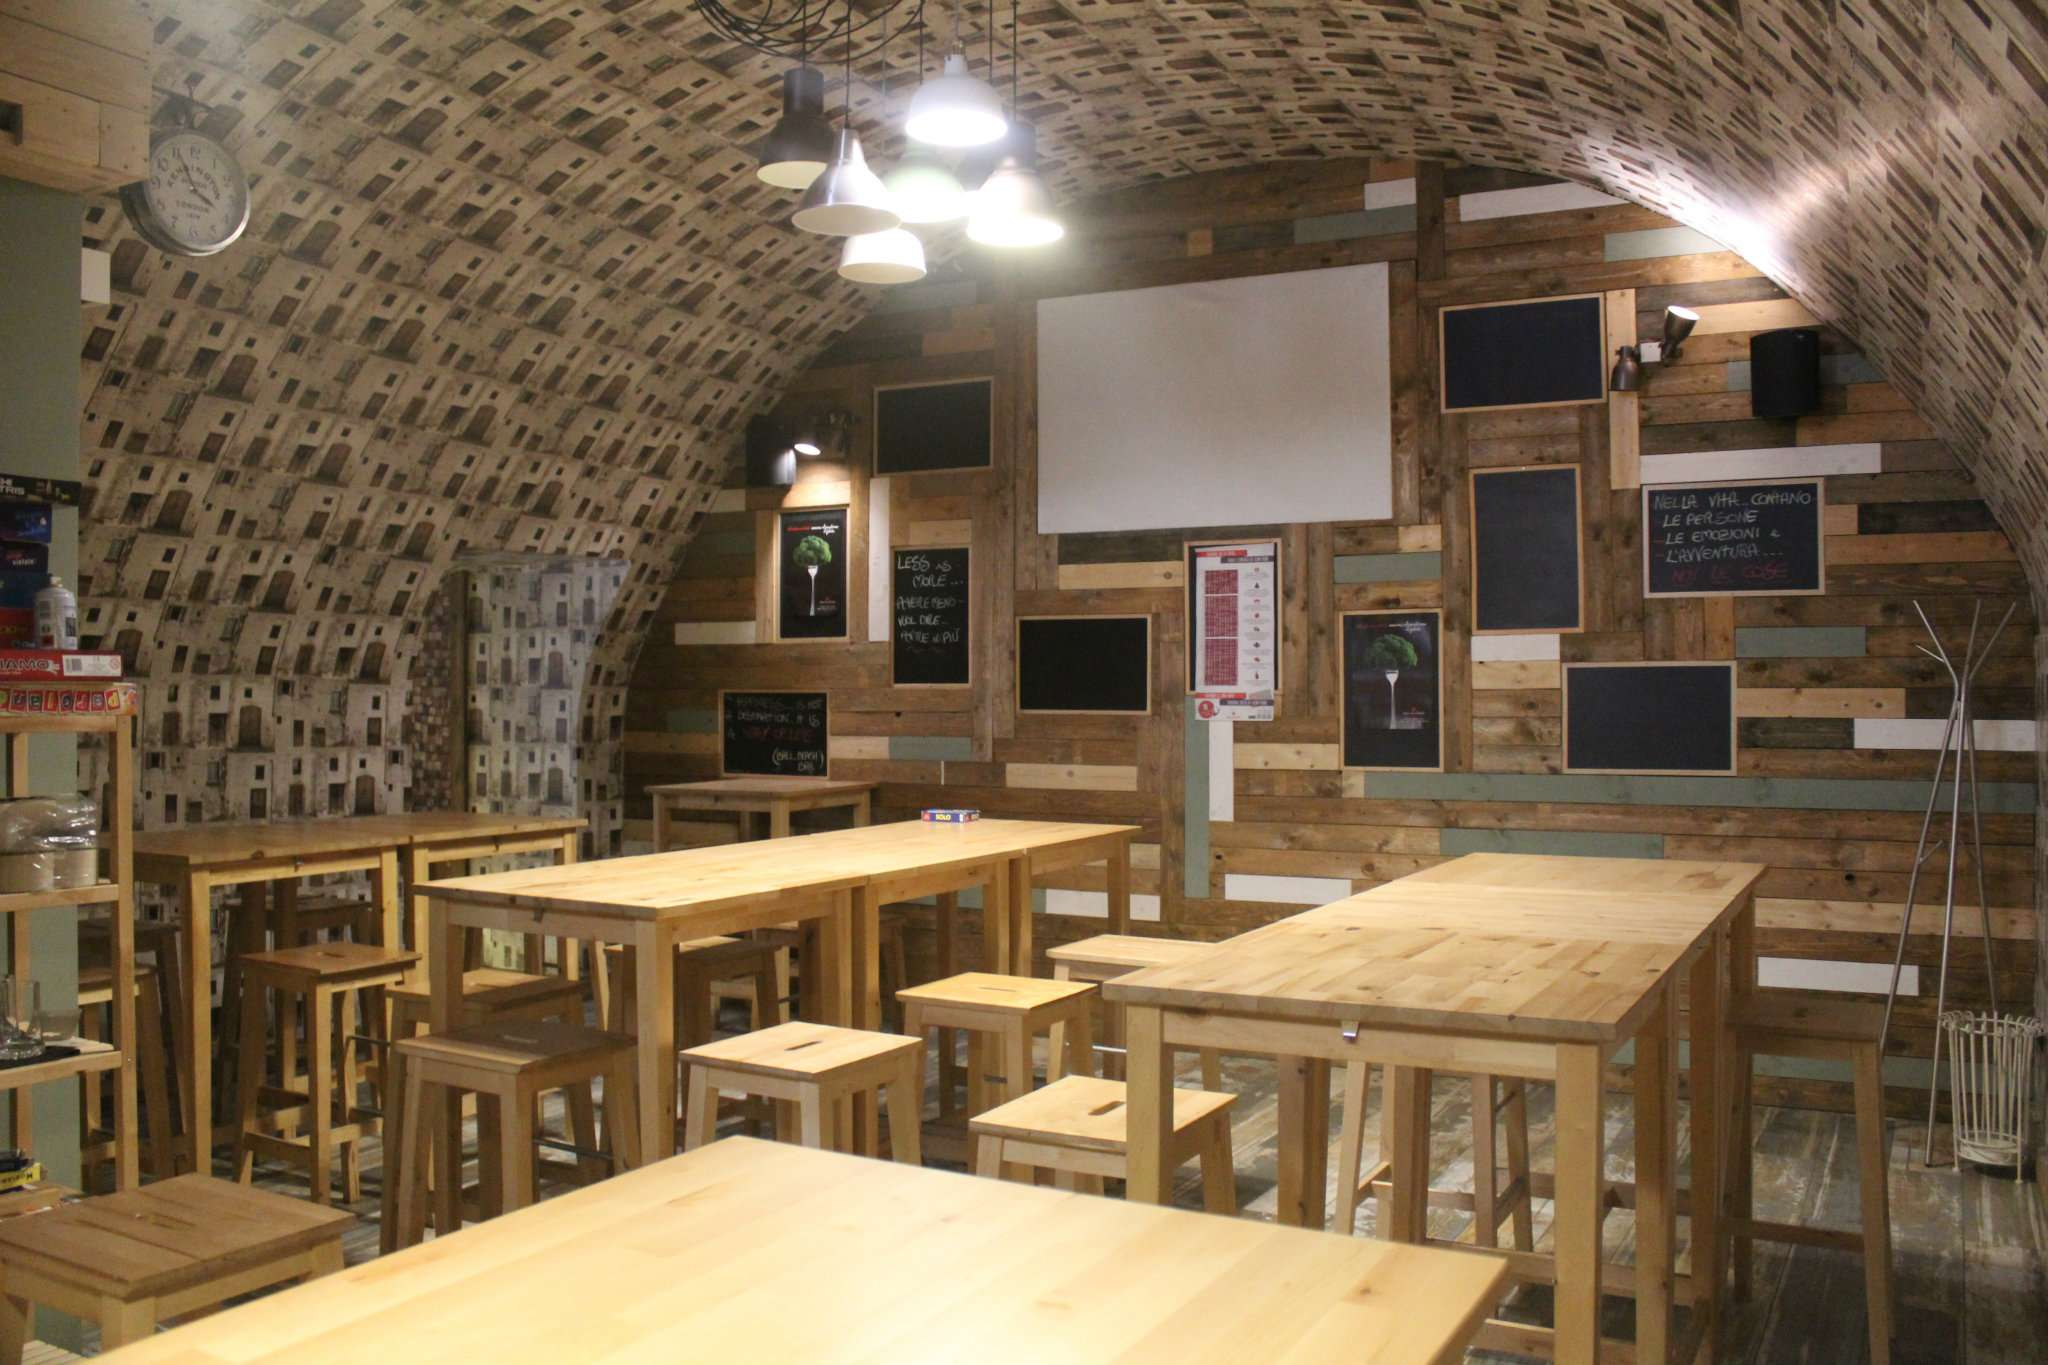 Negozio / Locale in vendita a Andria, 3 locali, prezzo € 12.000 | CambioCasa.it